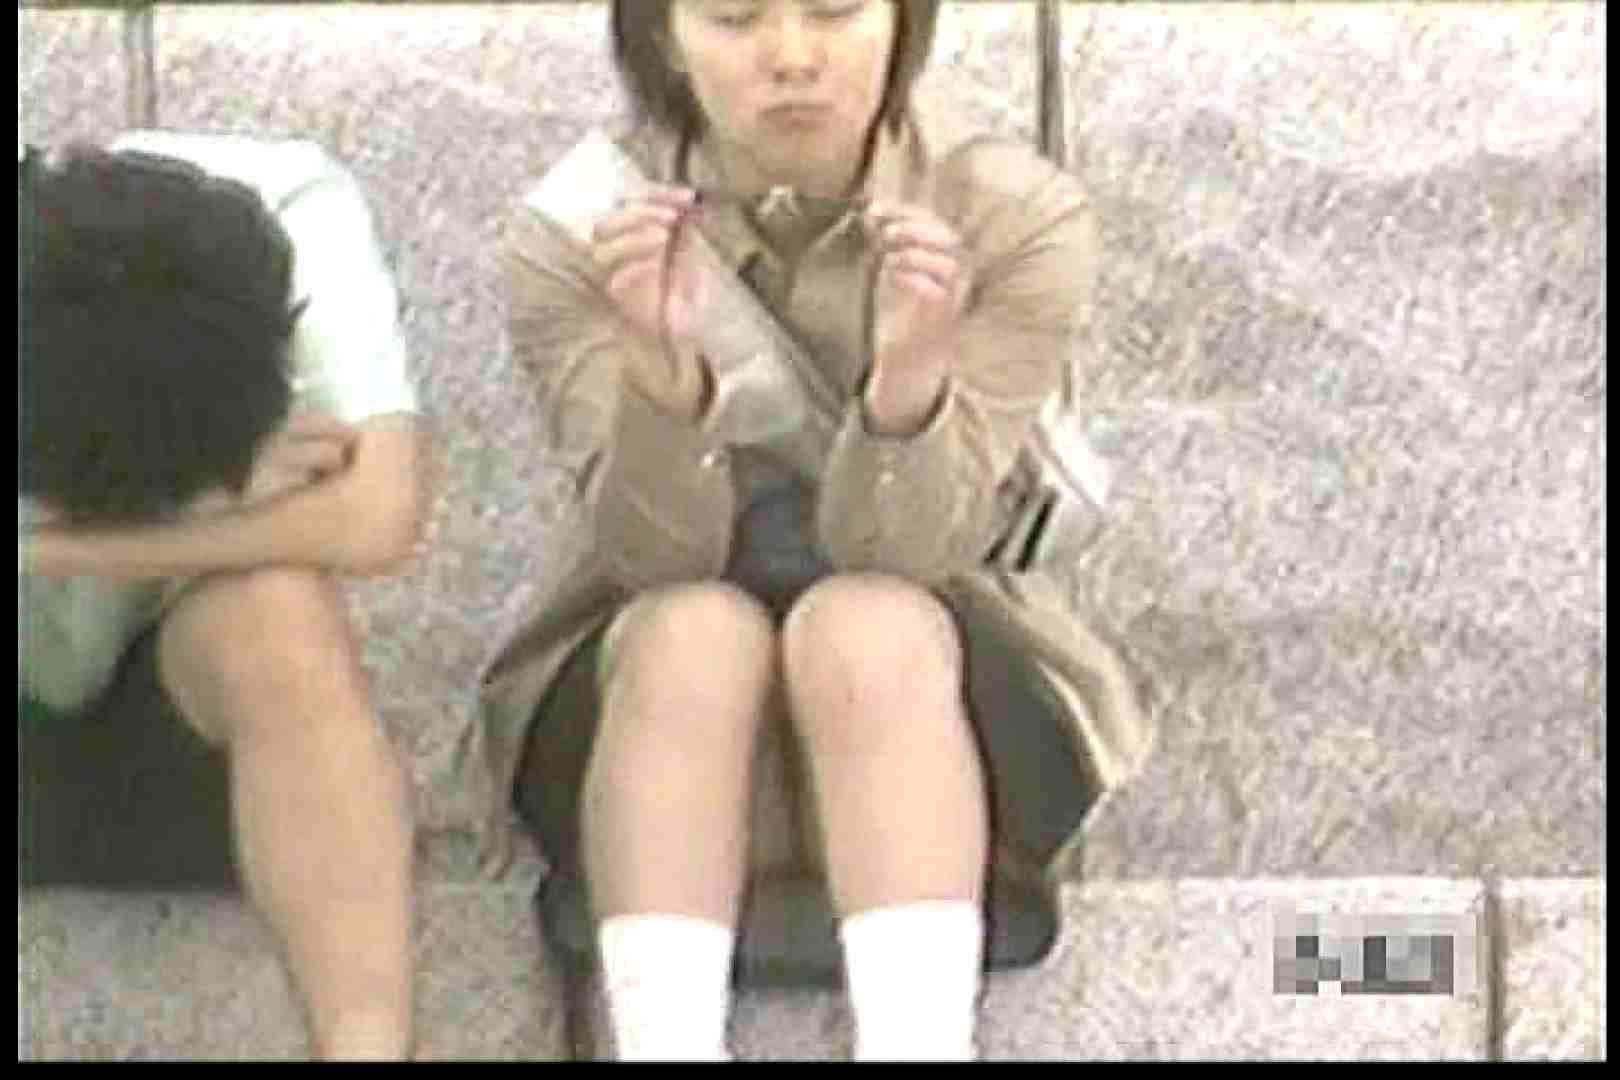 魅惑のデルタゾーンVol.5春夏秋冬2.No2 パンチラ スケベ動画紹介 50PIX 18